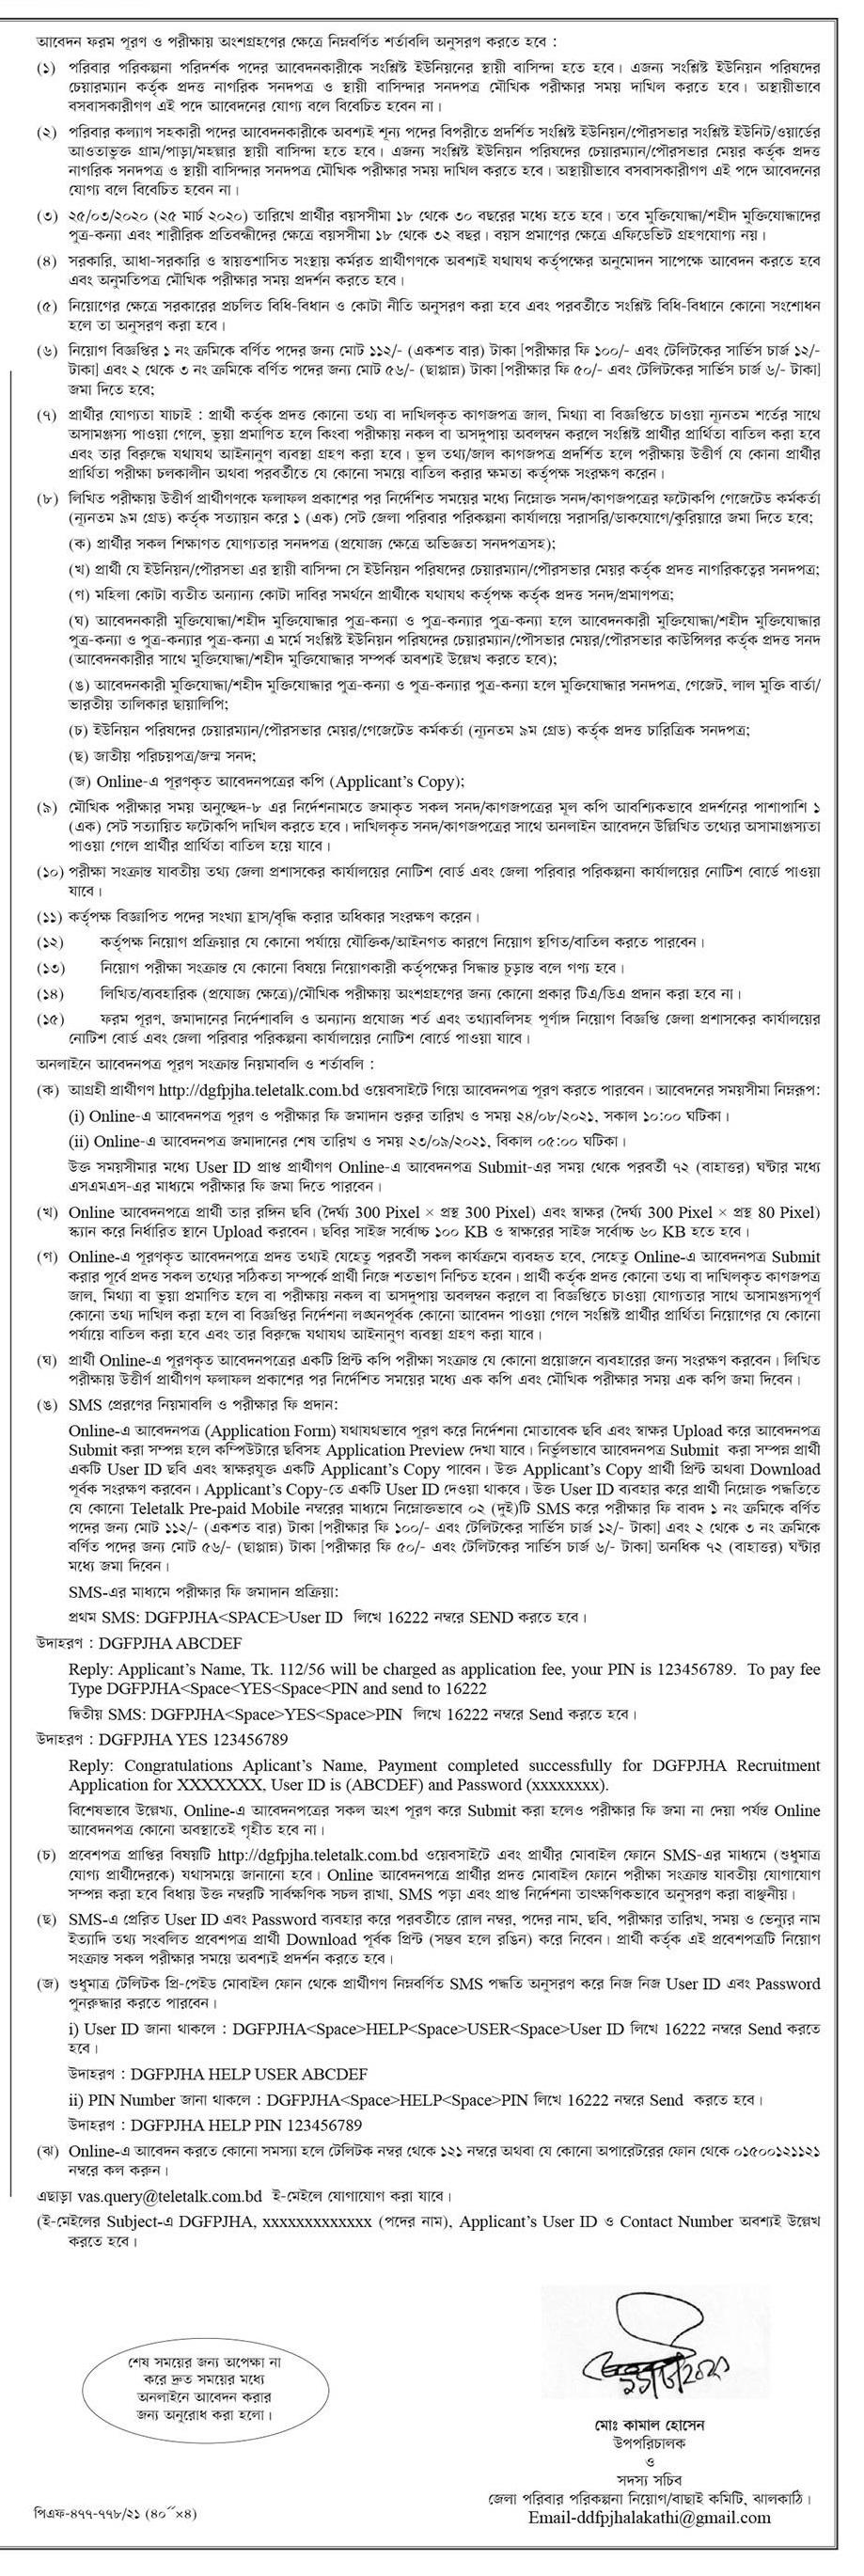 ঢাকা জেলা পরিবার পরিকল্পনা নিয়োগ বিজ্ঞপ্তি ২০২১ - Dhaka District  poribar porikolpona job circular 2021 - স্বাস্থ্য ও পরিবার পরিকল্পনা অধিদপ্তরে নিয়োগ বিজ্ঞপ্তি ২০২১